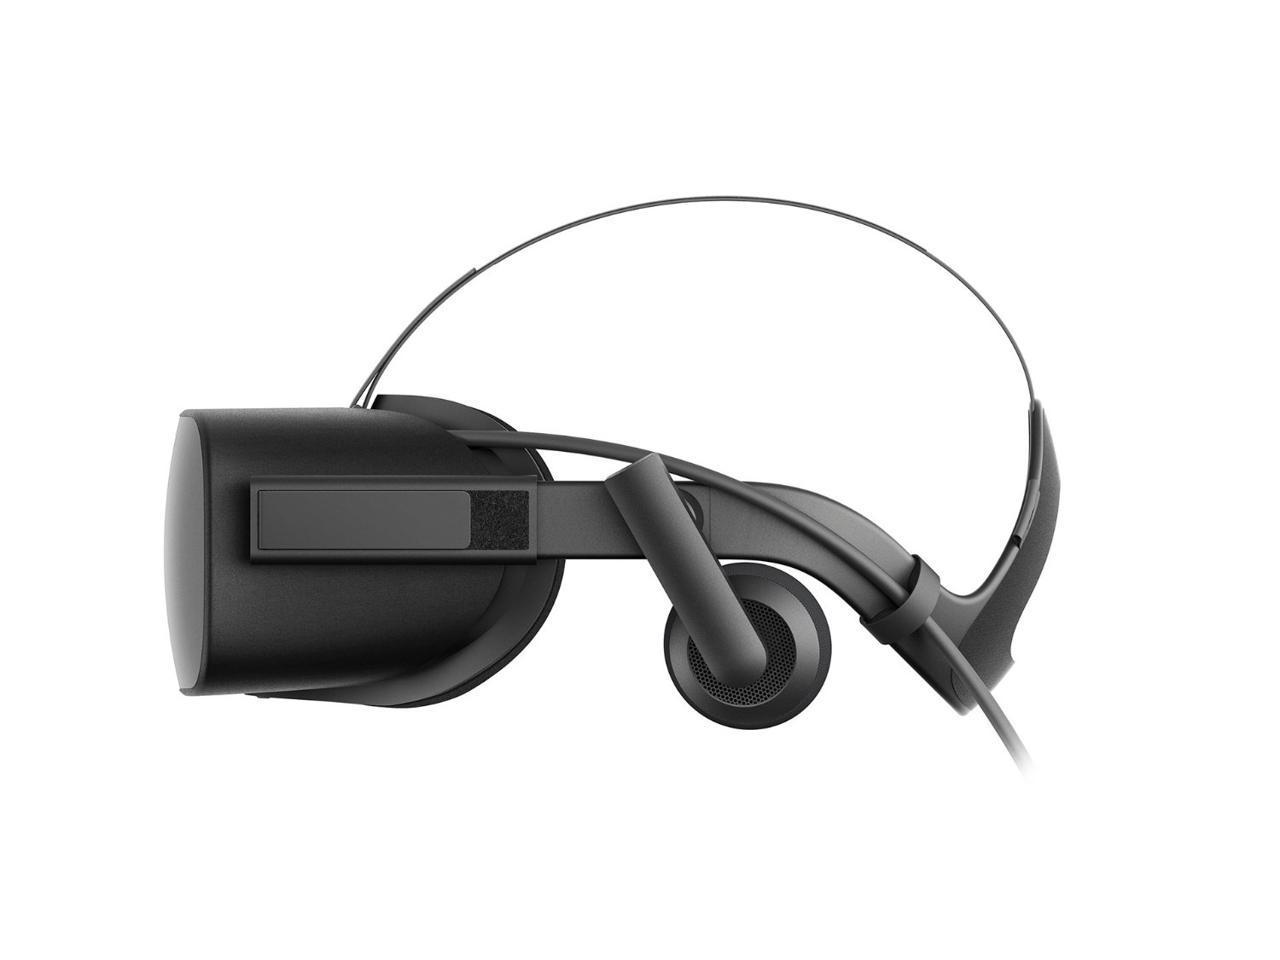 Комплект за виртуална реалност OCULUS Rift + контролери OCULUS Touch, Черен